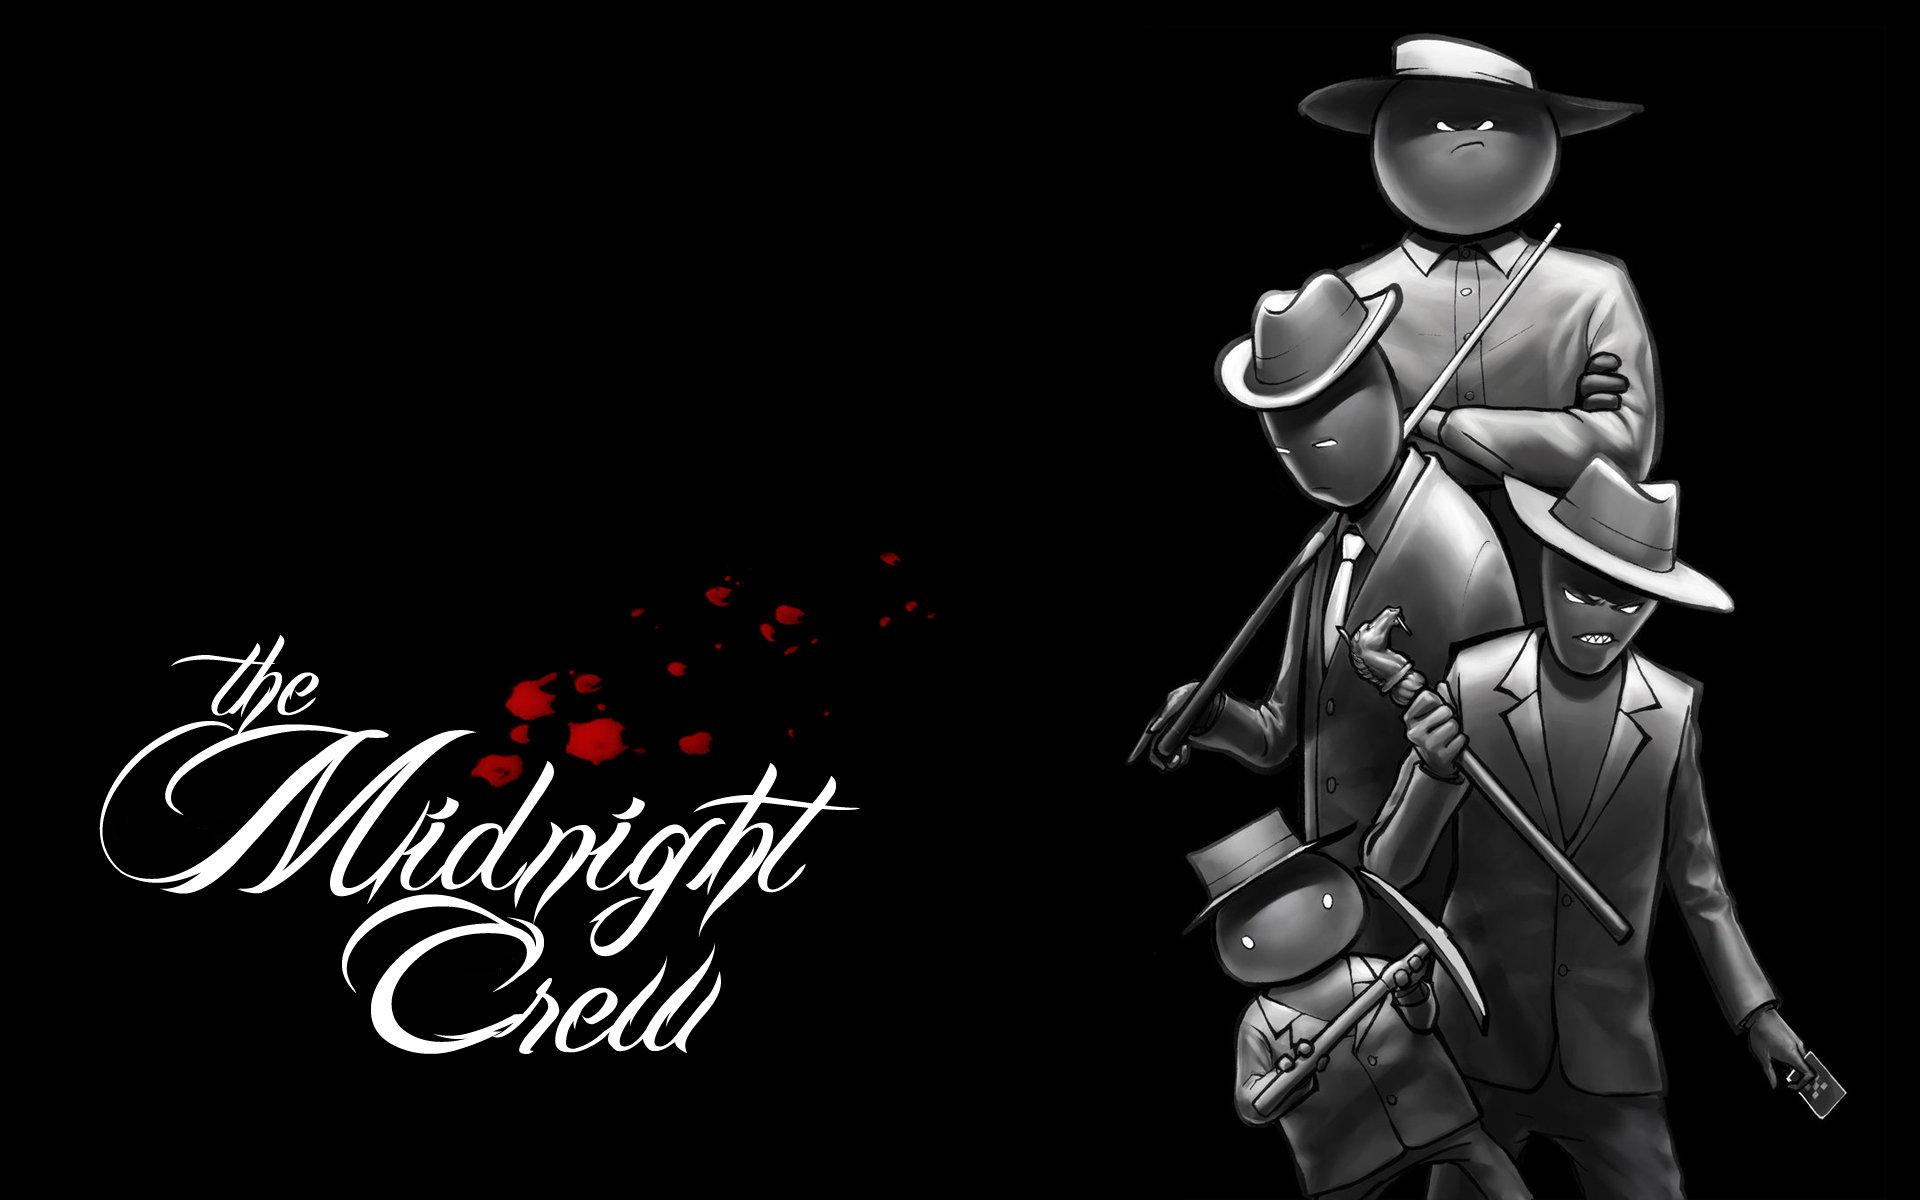 Midnight Crew Computer Wallpapers Desktop Backgrounds 1920x1200 1920x1200